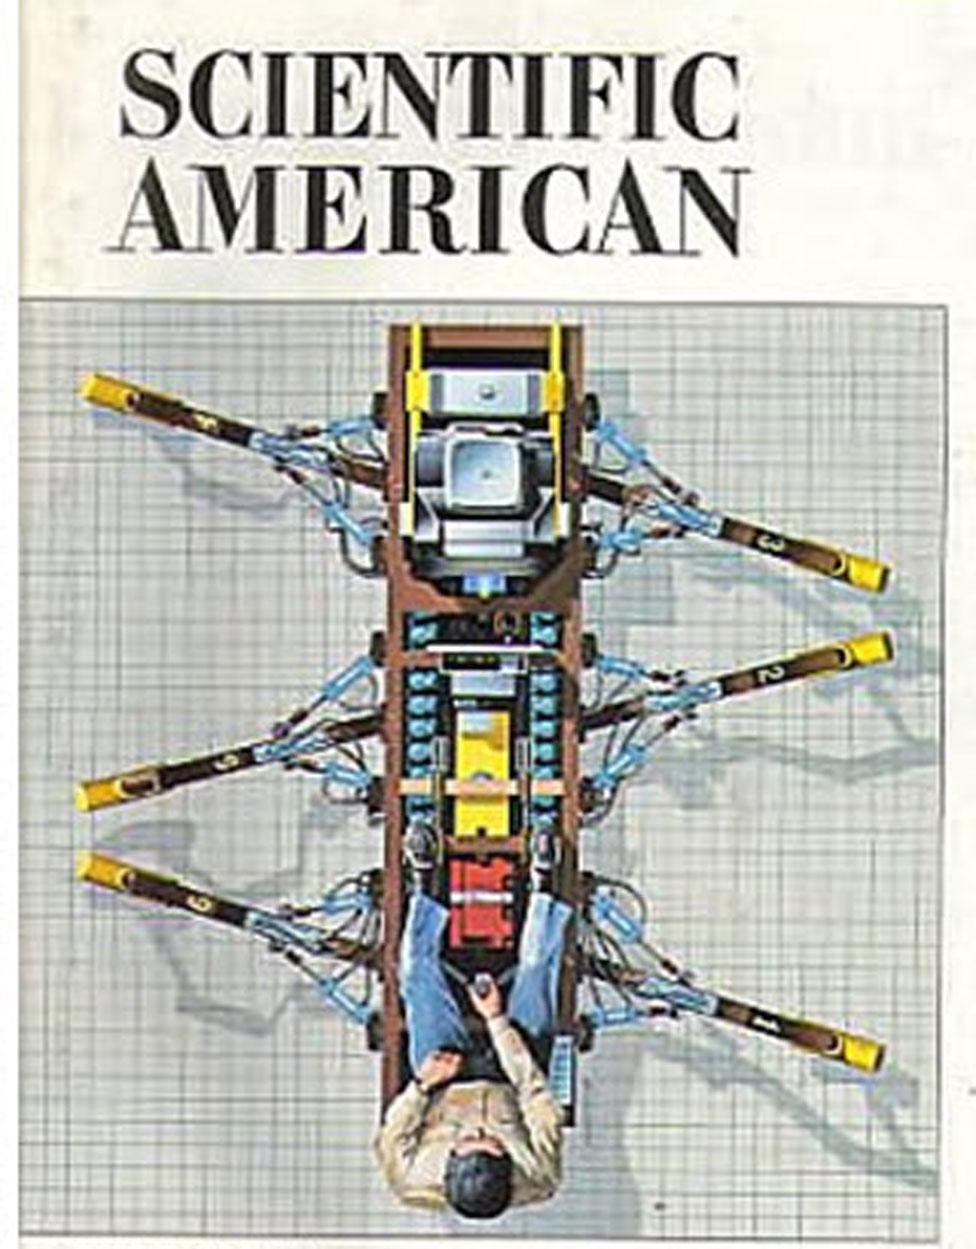 """Otro de los inventos del prolífico Sutheland: """"La cucaracha troyana"""", vista aquí en la revista Scientific American, en enero de 1983."""